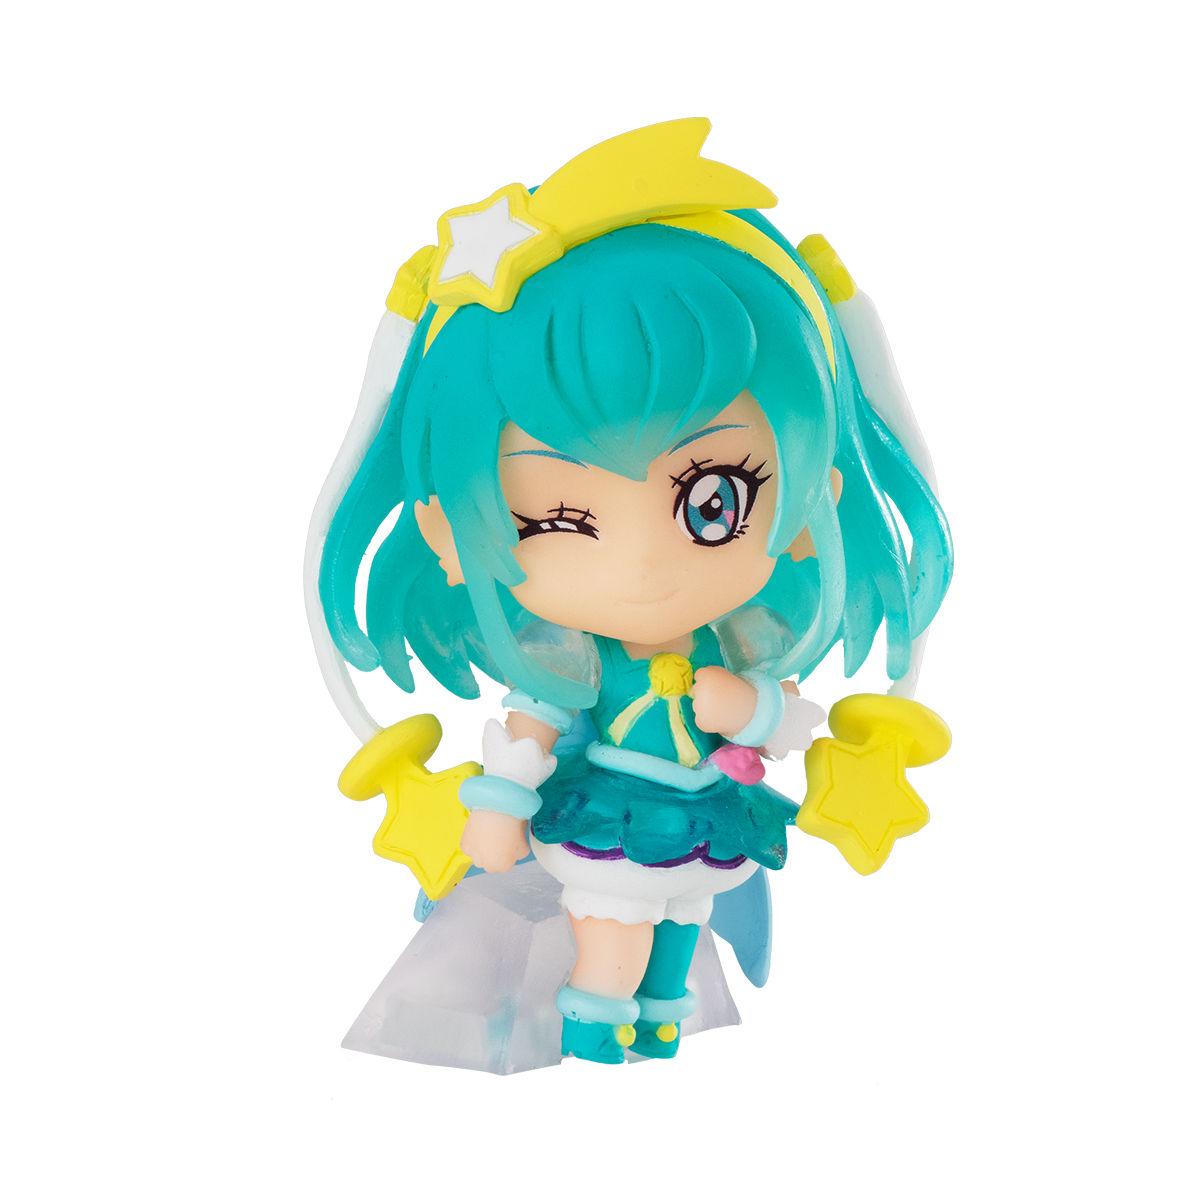 【限定販売】スター☆トゥインクルプリキュア『メモリアルマスコット』フィギュア セット-002